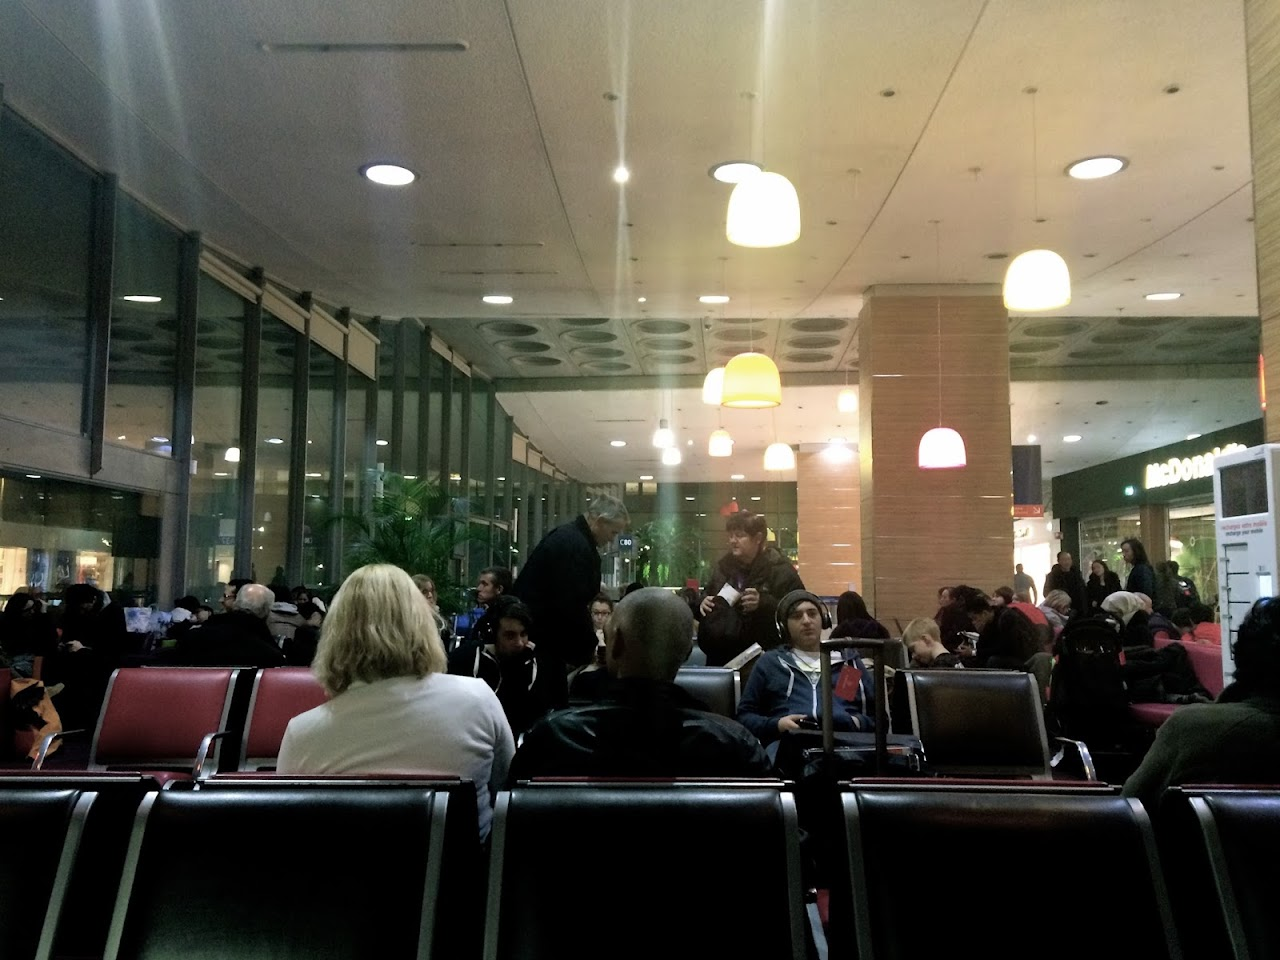 シャルル・ド・ゴール空港の待合室